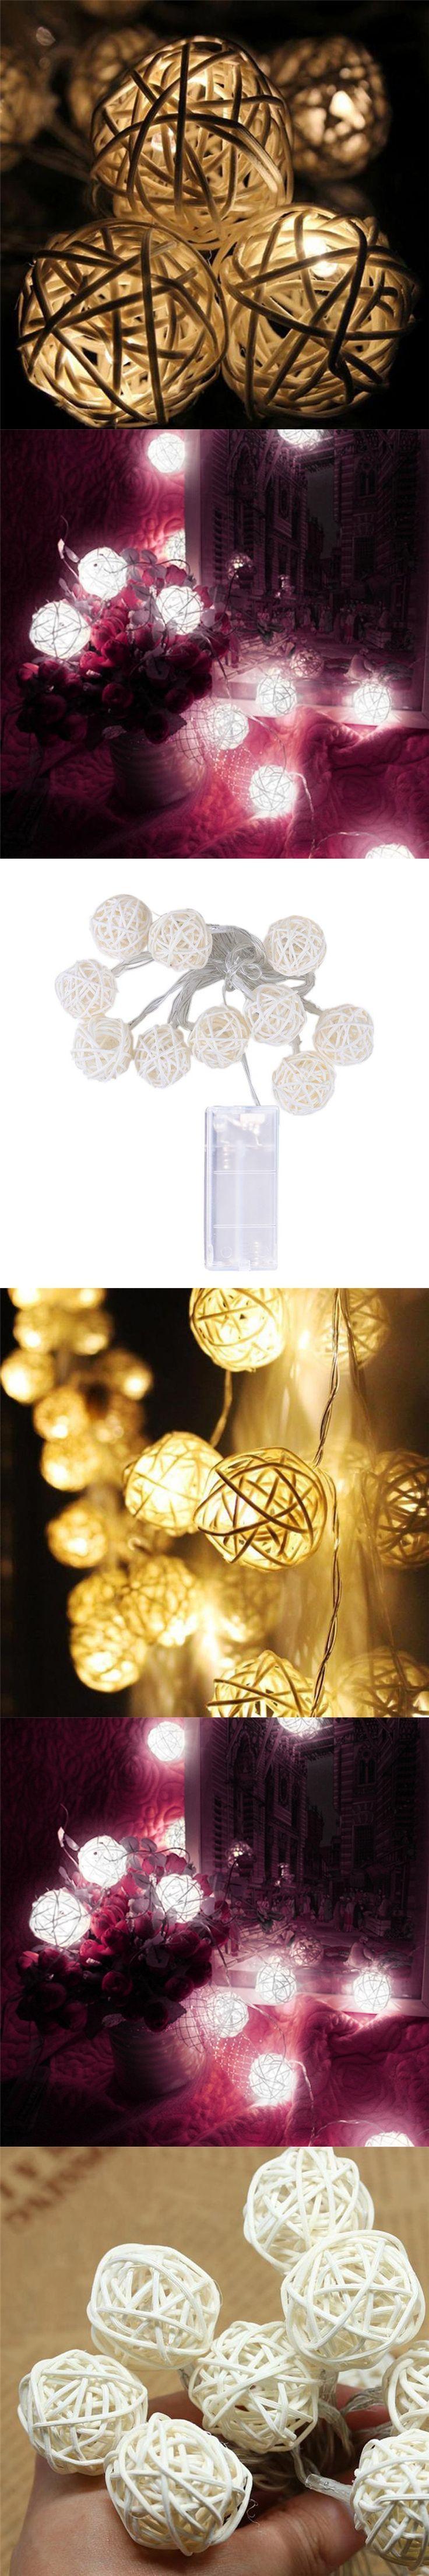 Tolle Weiße Weihnachtsbeleuchtung Mit Weißem Draht Bilder ...